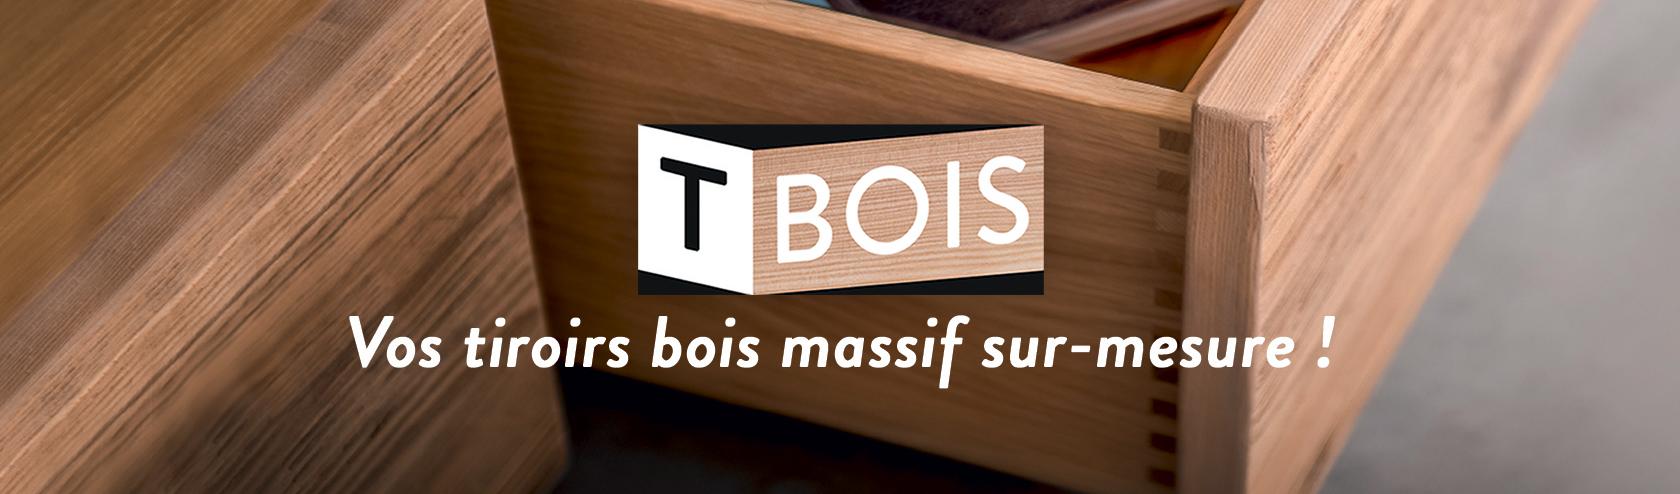 T Bois Vos Tiroirs Bois Massif Sur Mesure